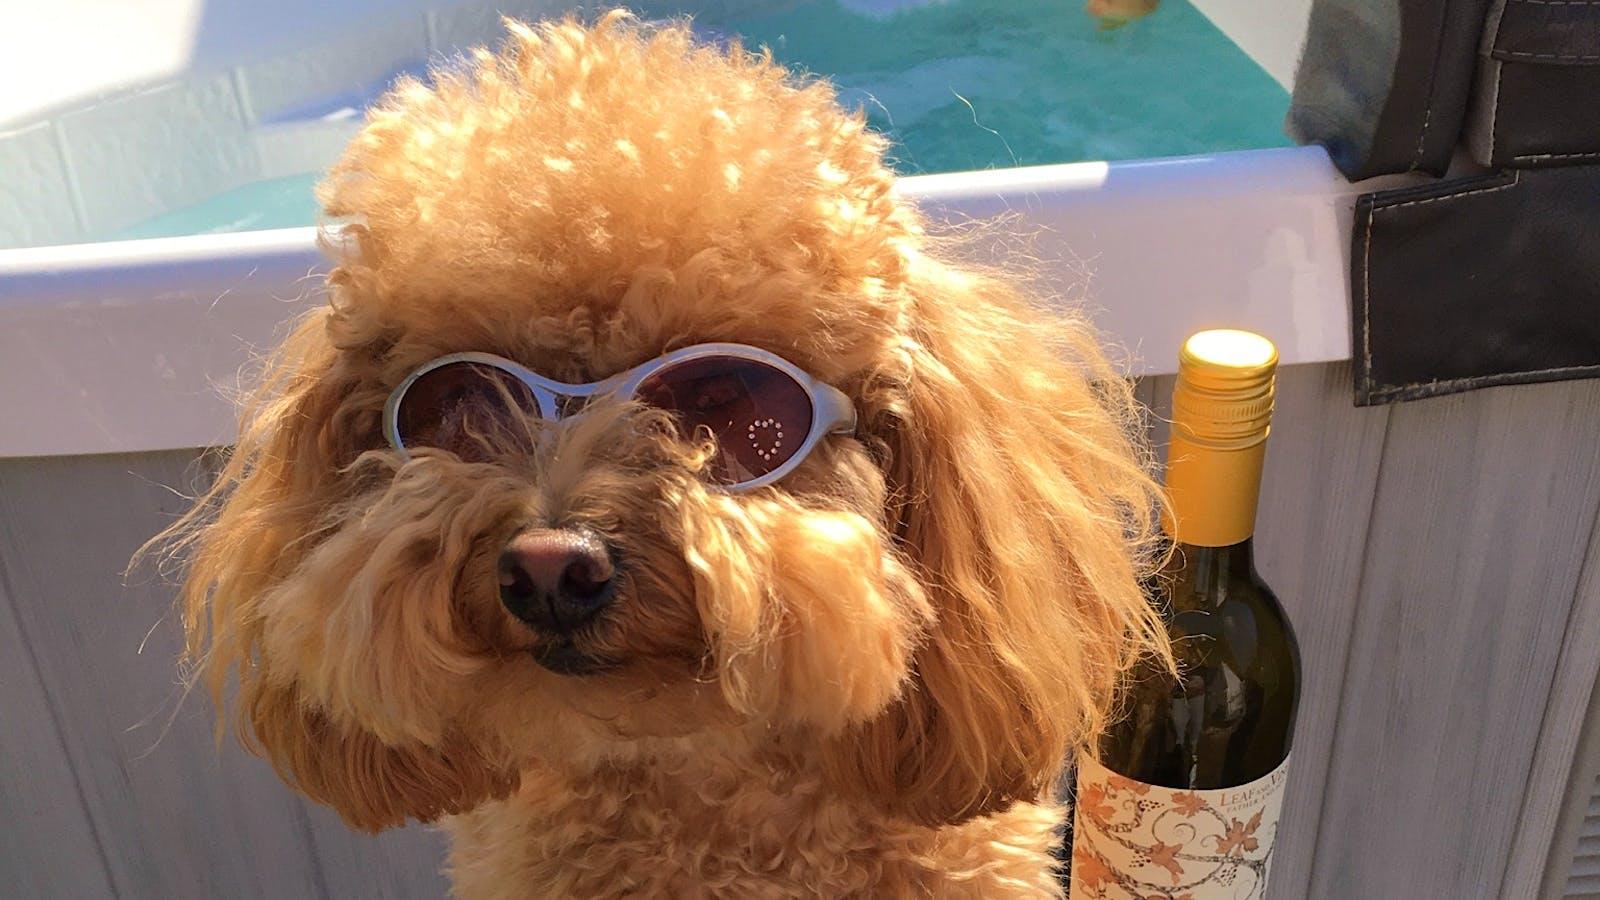 Dulce de Leche the Toy Poodle